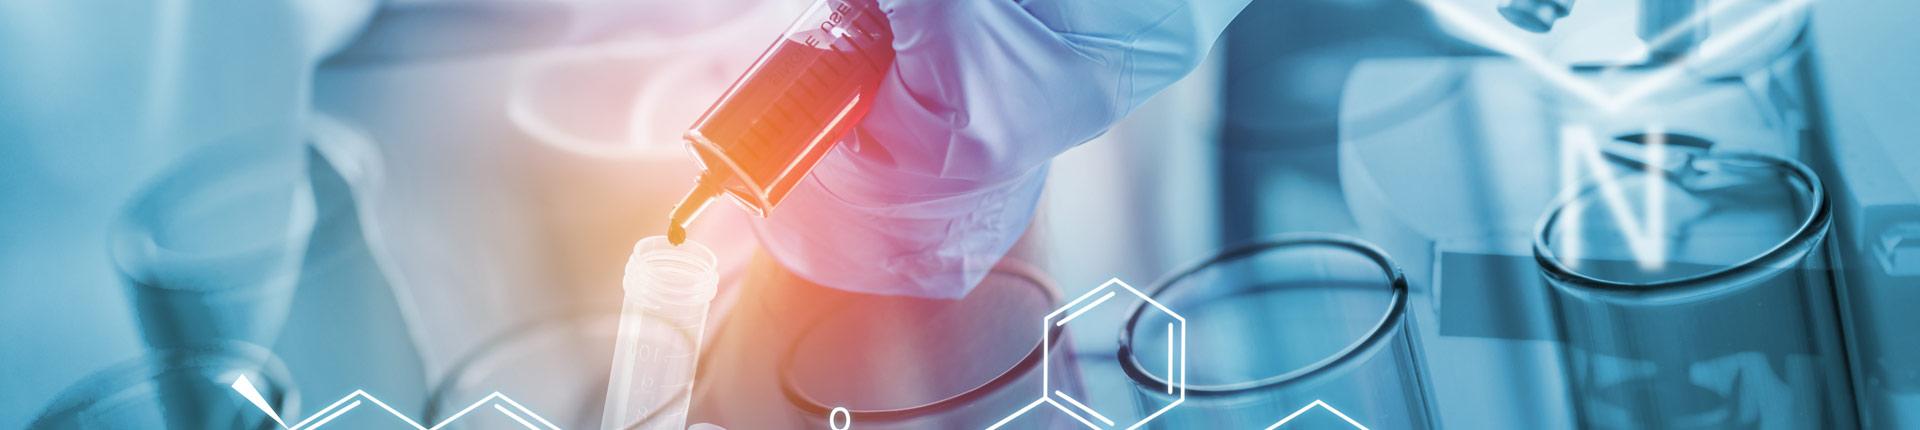 Homocysteina a ryzyko sercowo-naczyniowe